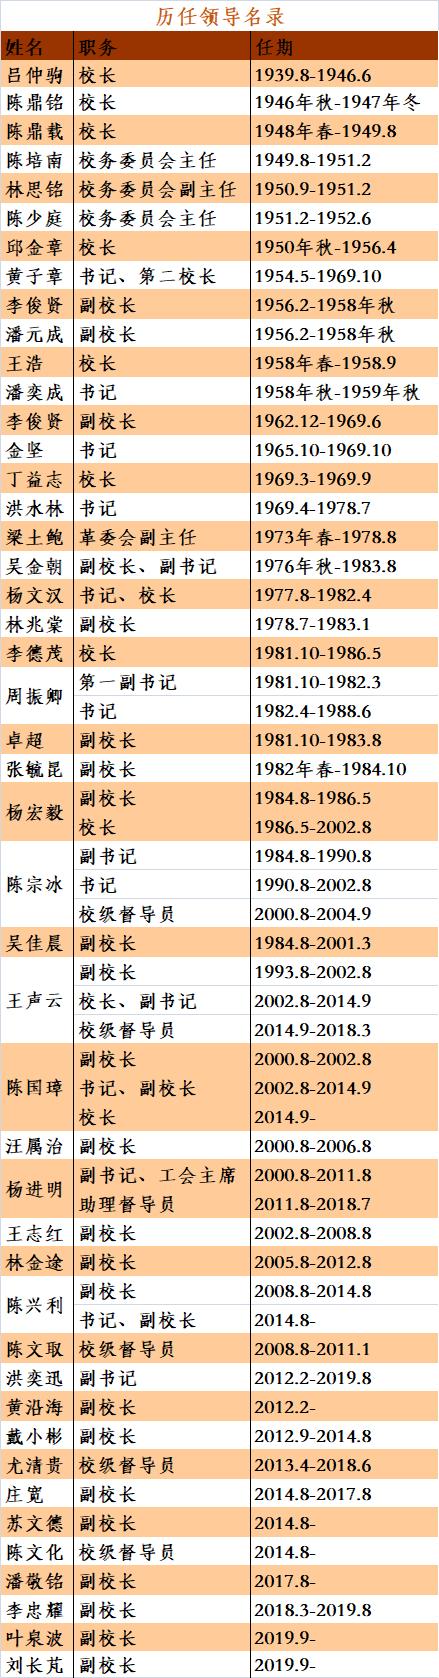 历任领导名单.png